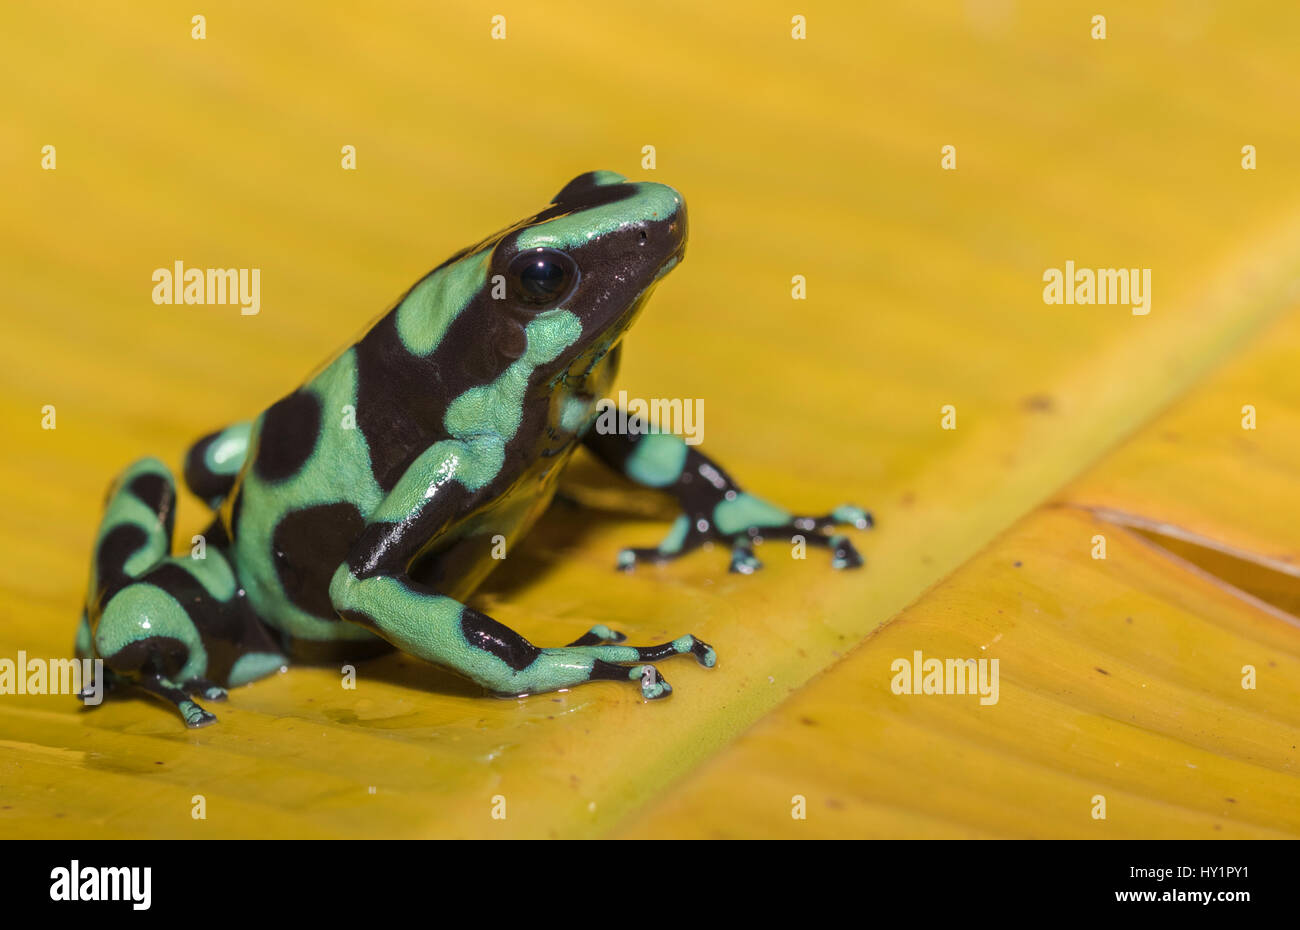 Gr n und schwarz pfeilgiftfrosch dendrobates auratus oder gr n schwarzes vergiften pfeil frosch - Frosch auf englisch ...